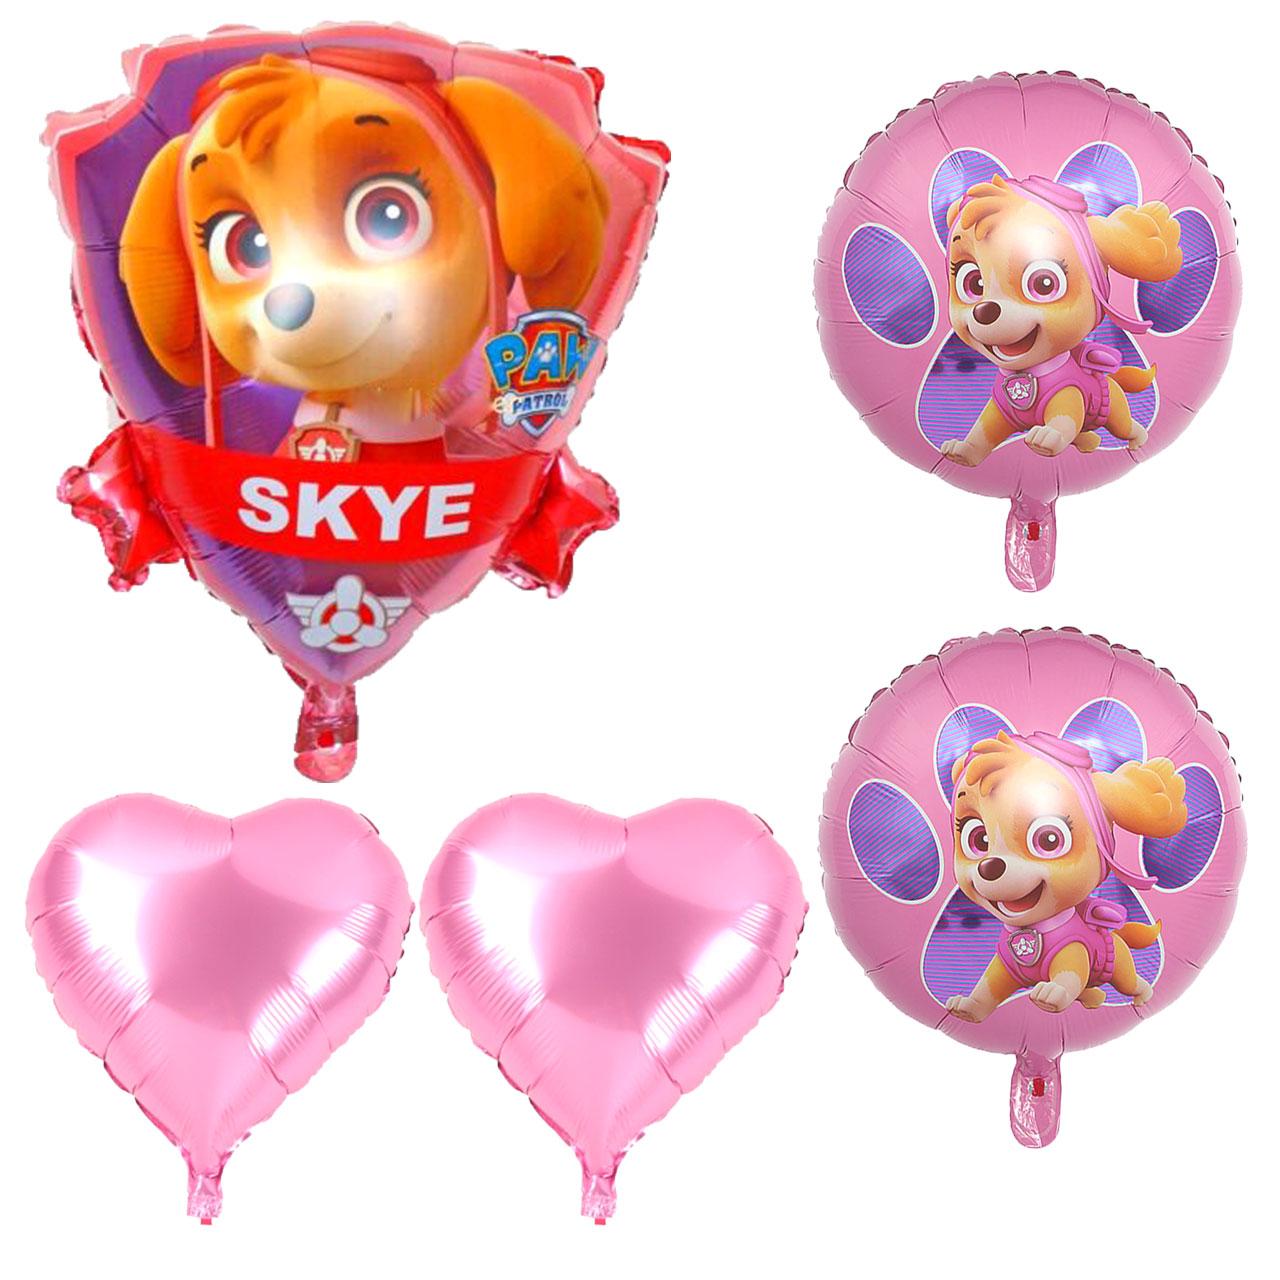 بادکنک فویلی طرح سگ های نگهبان Skye مجموعه 5 عددی